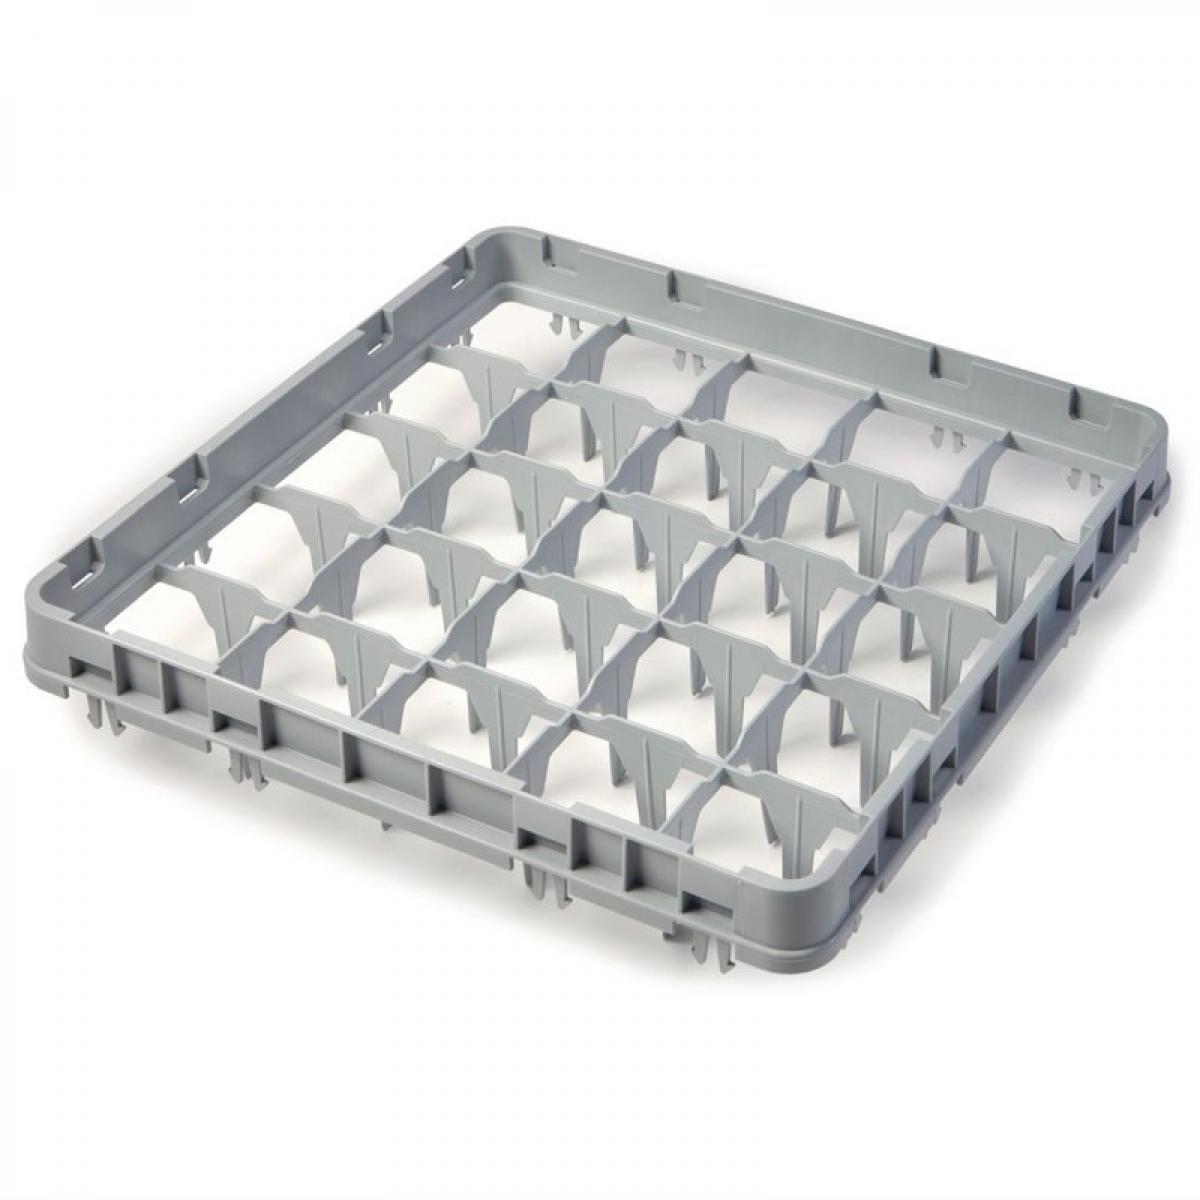 Cambro Réhausse 36 verre pour Casier de lavage à verres - Cambro -